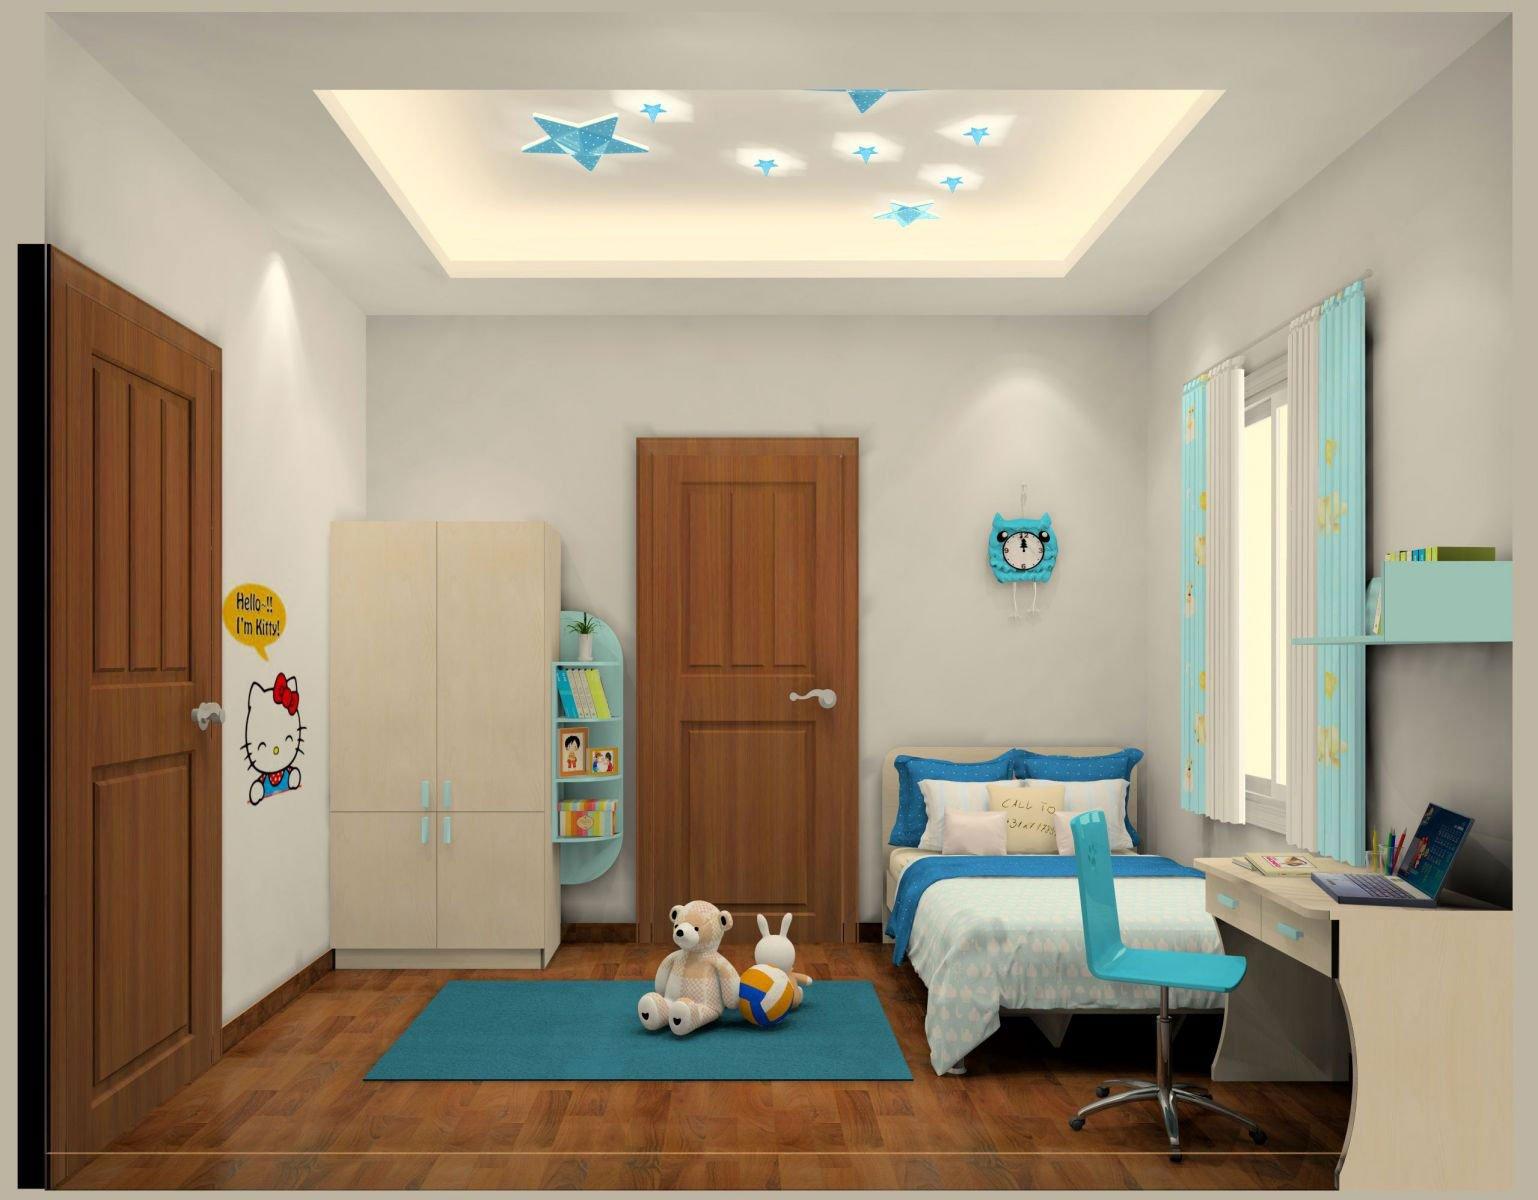 Những mẫu phòng ngủ trẻ em hiện đại khiến bạn thích mê